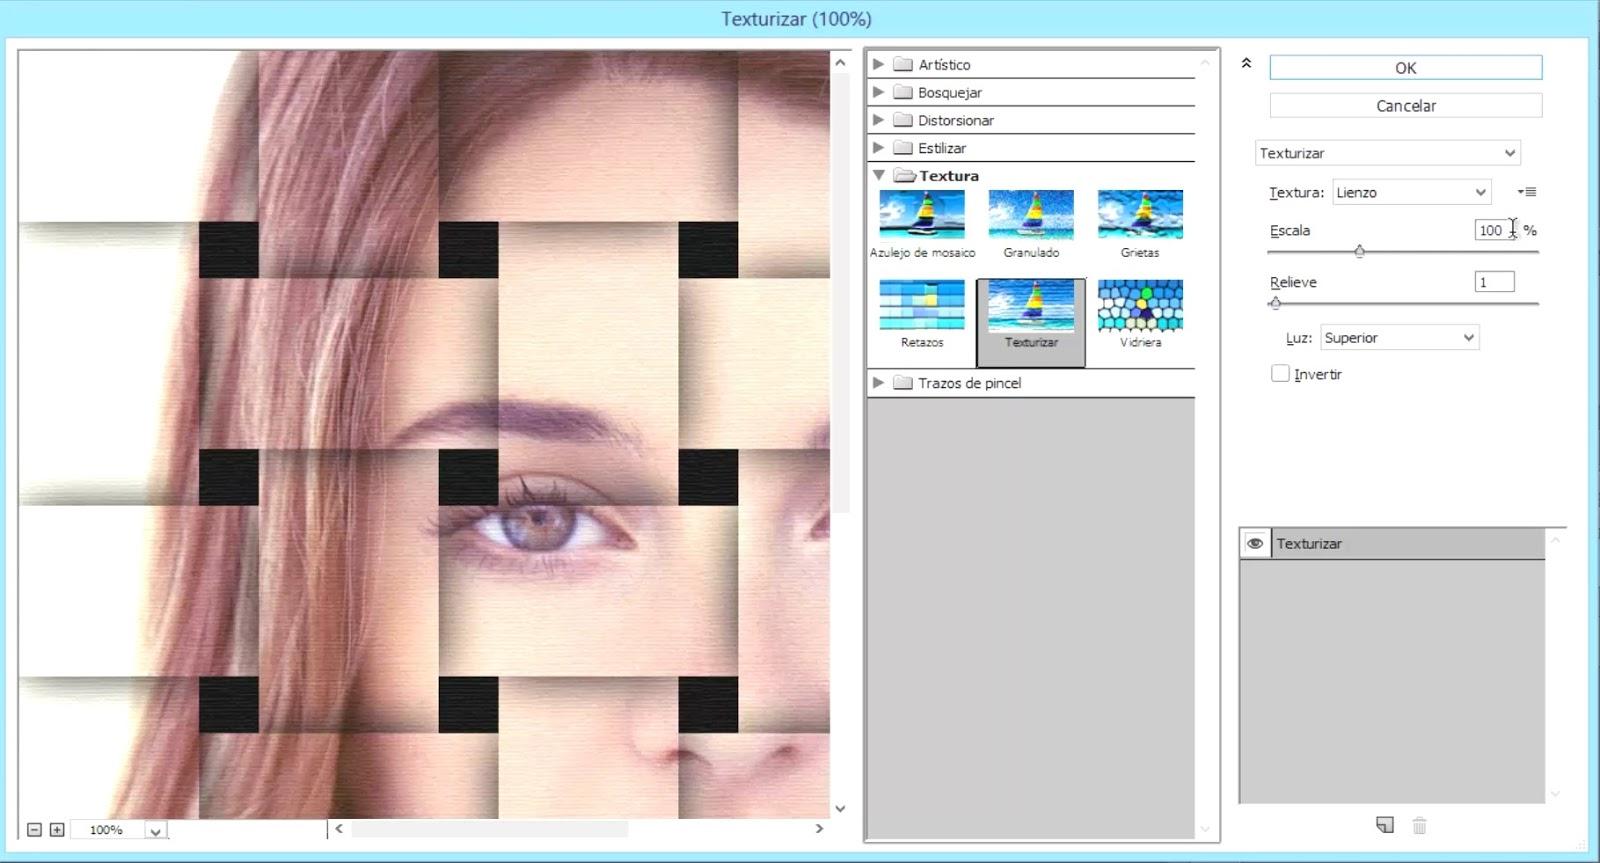 filtro texturizar